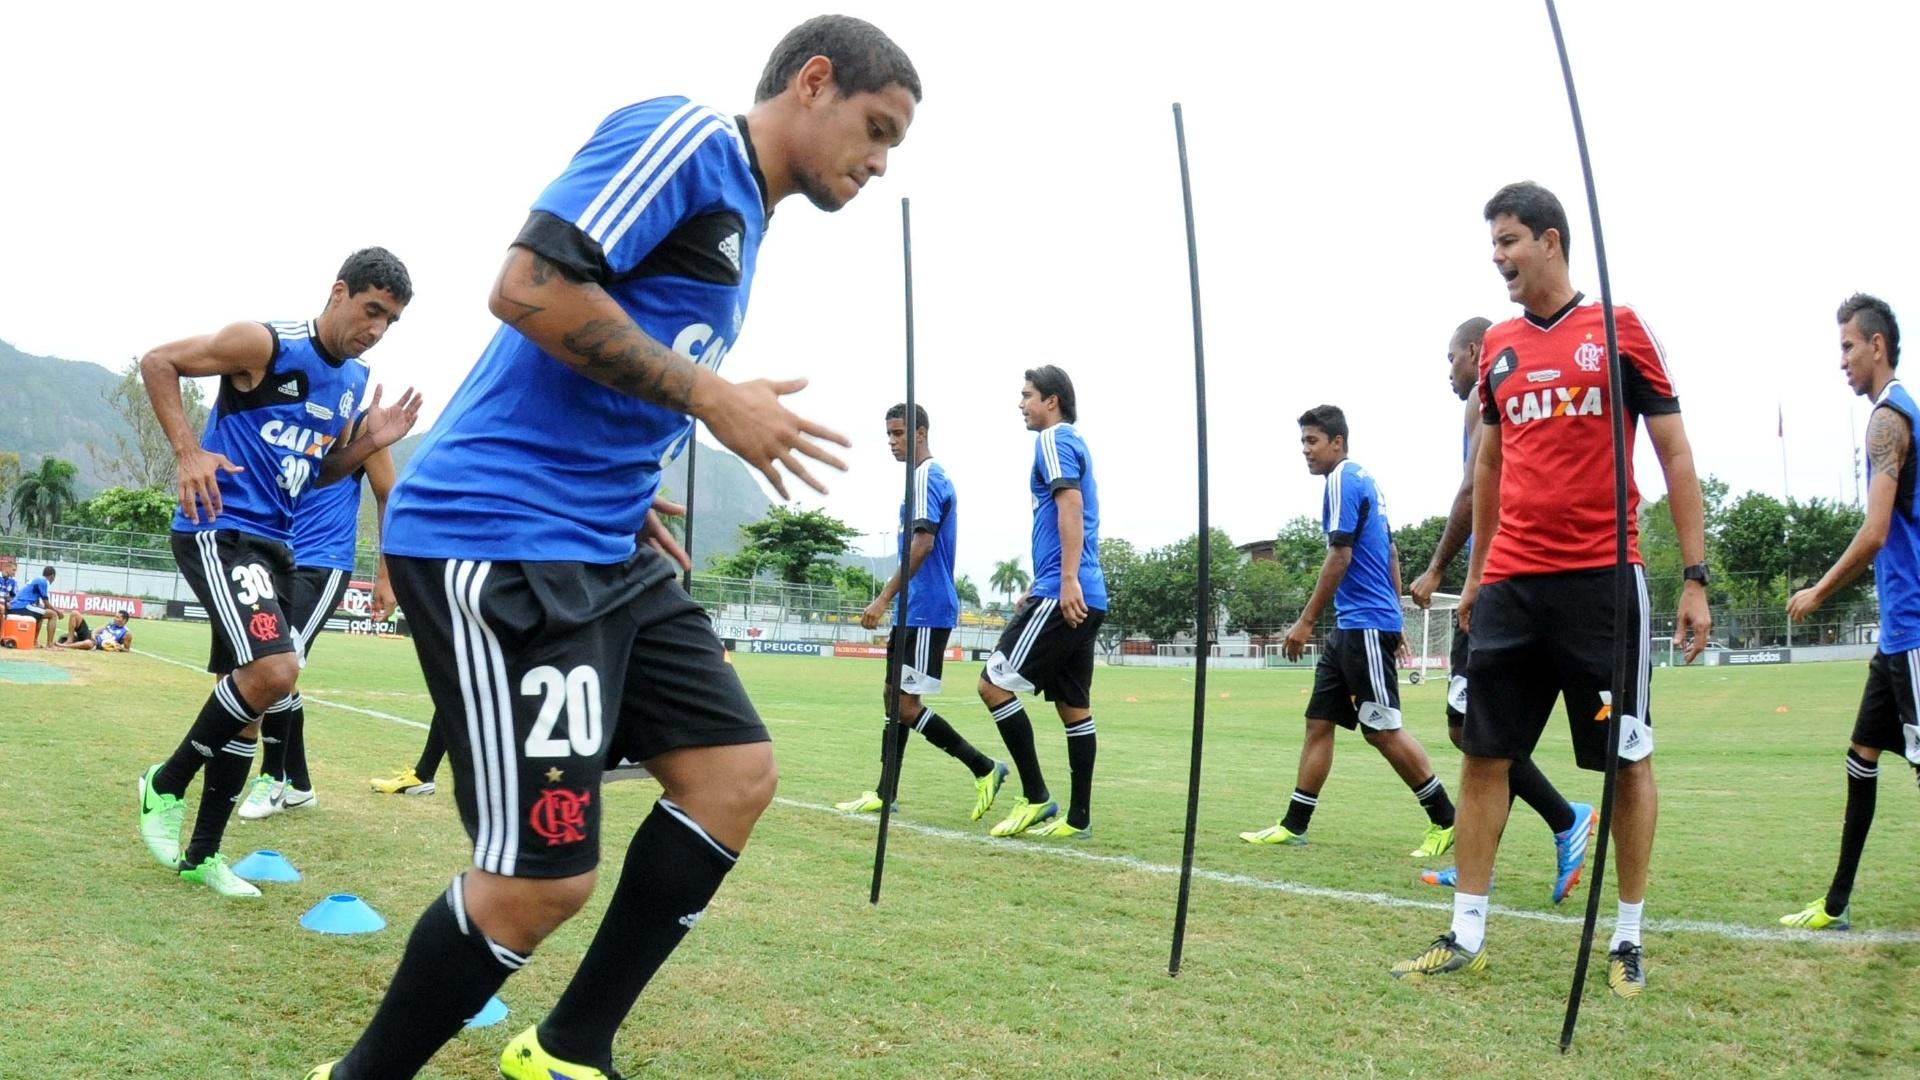 http://imguol.com/c/esporte/2014/01/17/meia-carlos-eduardo-participa-de-treino-do-flamengo-1389972846325_1920x1080.jpg